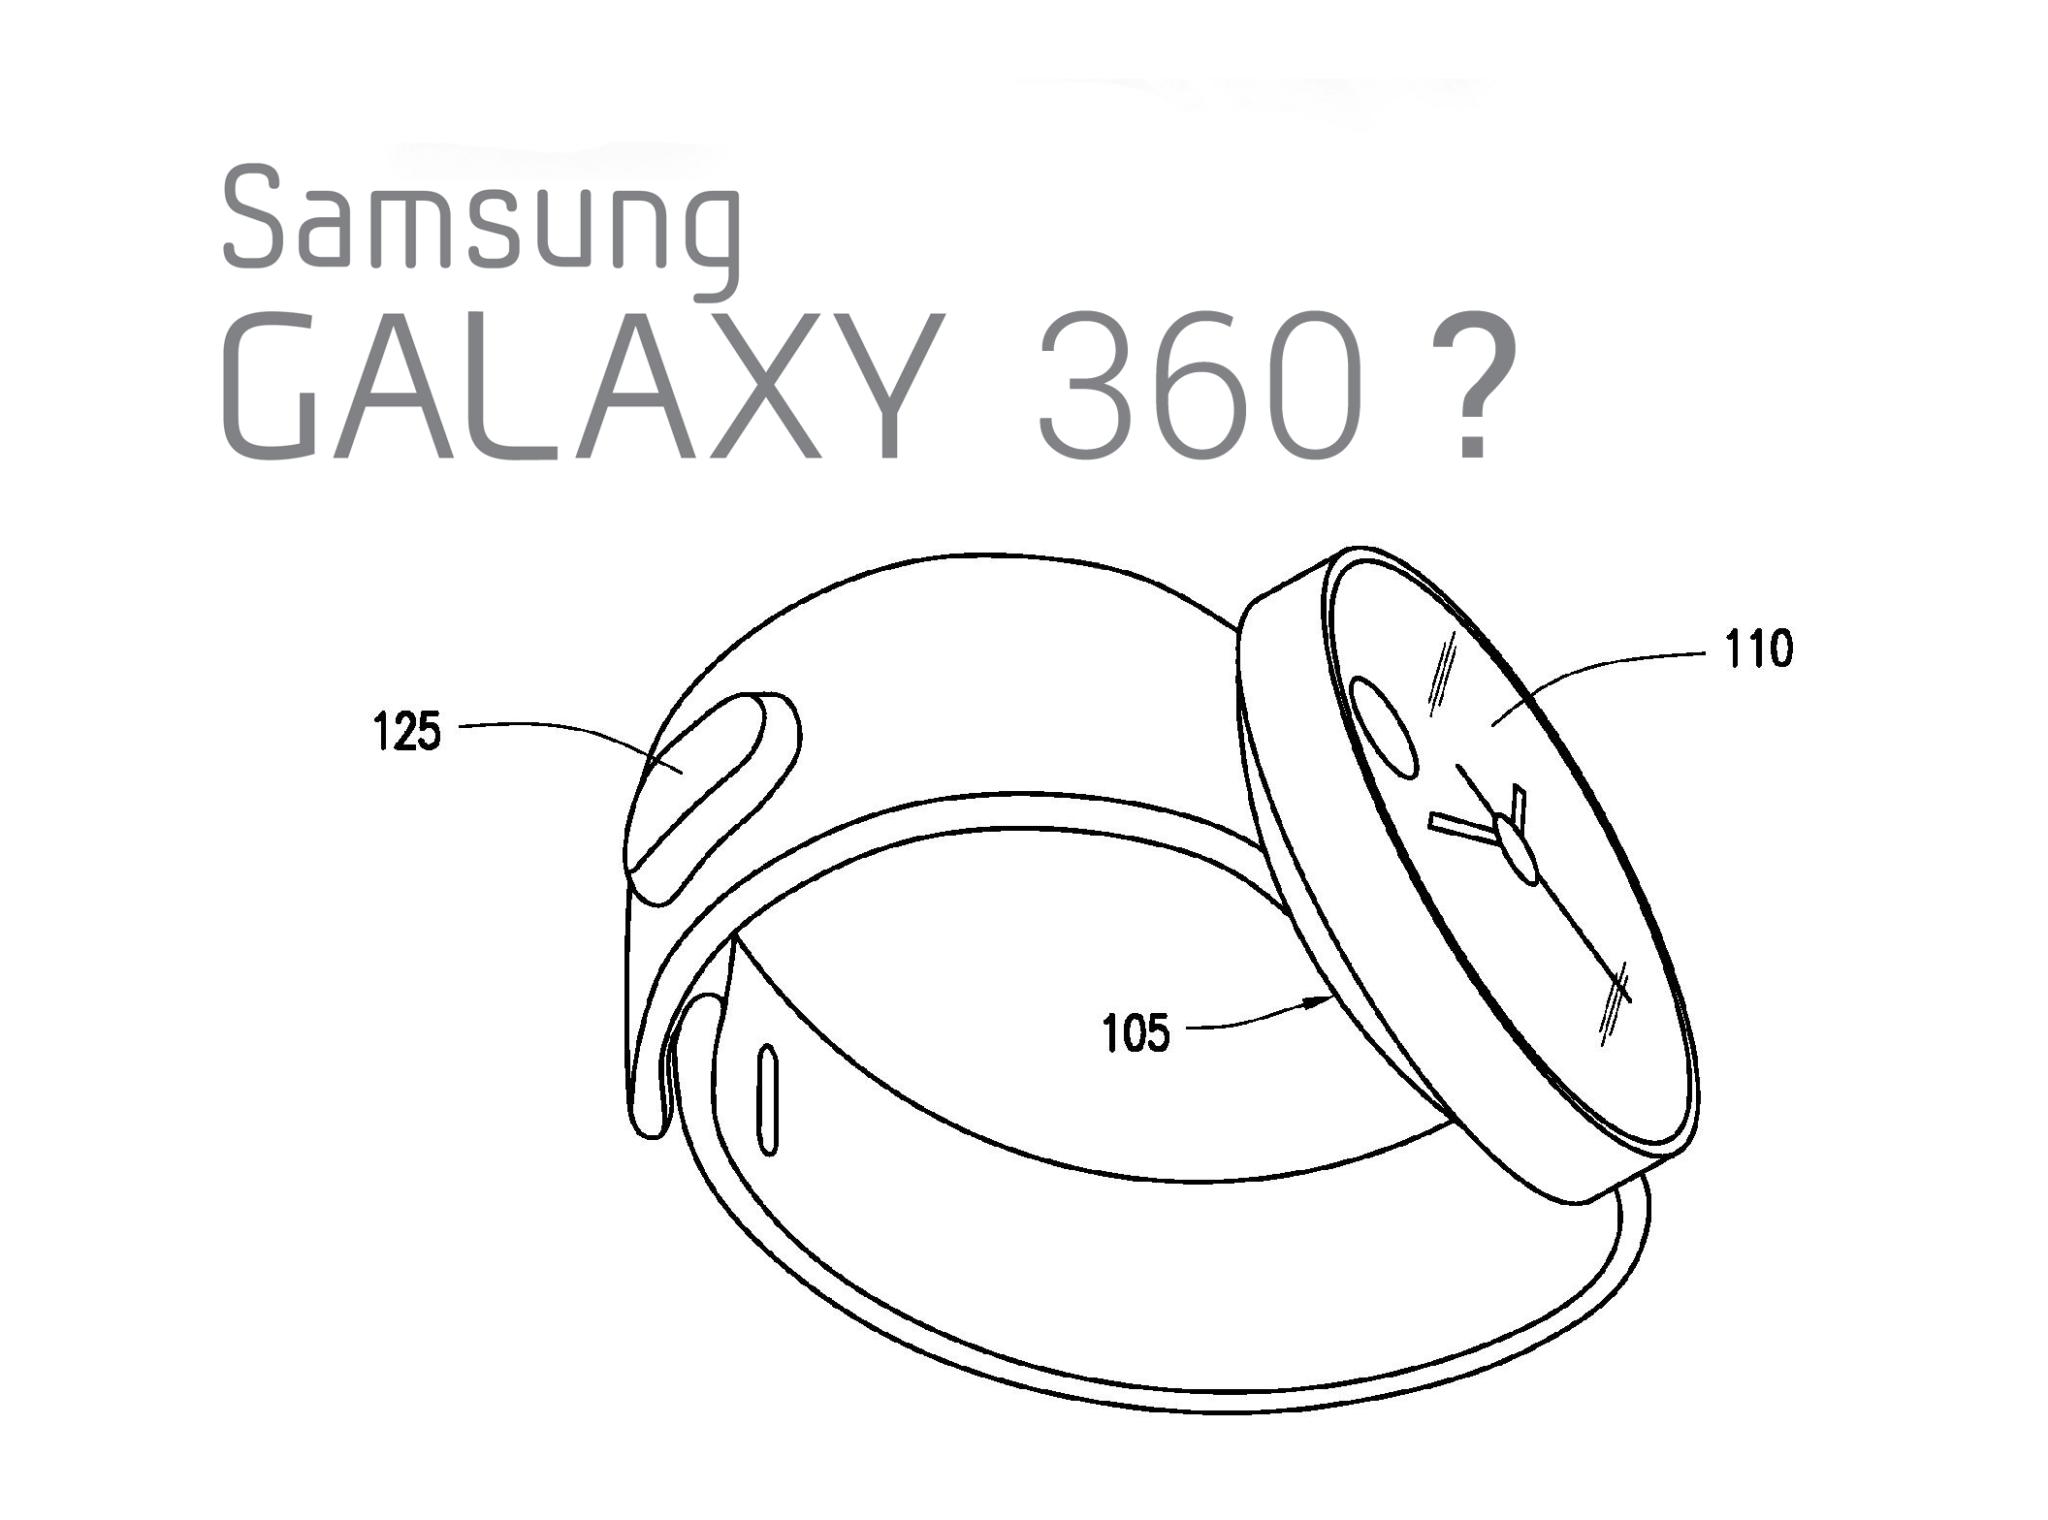 Hodinky od Samsungu s kulatým displejem? [patentová přihláška]